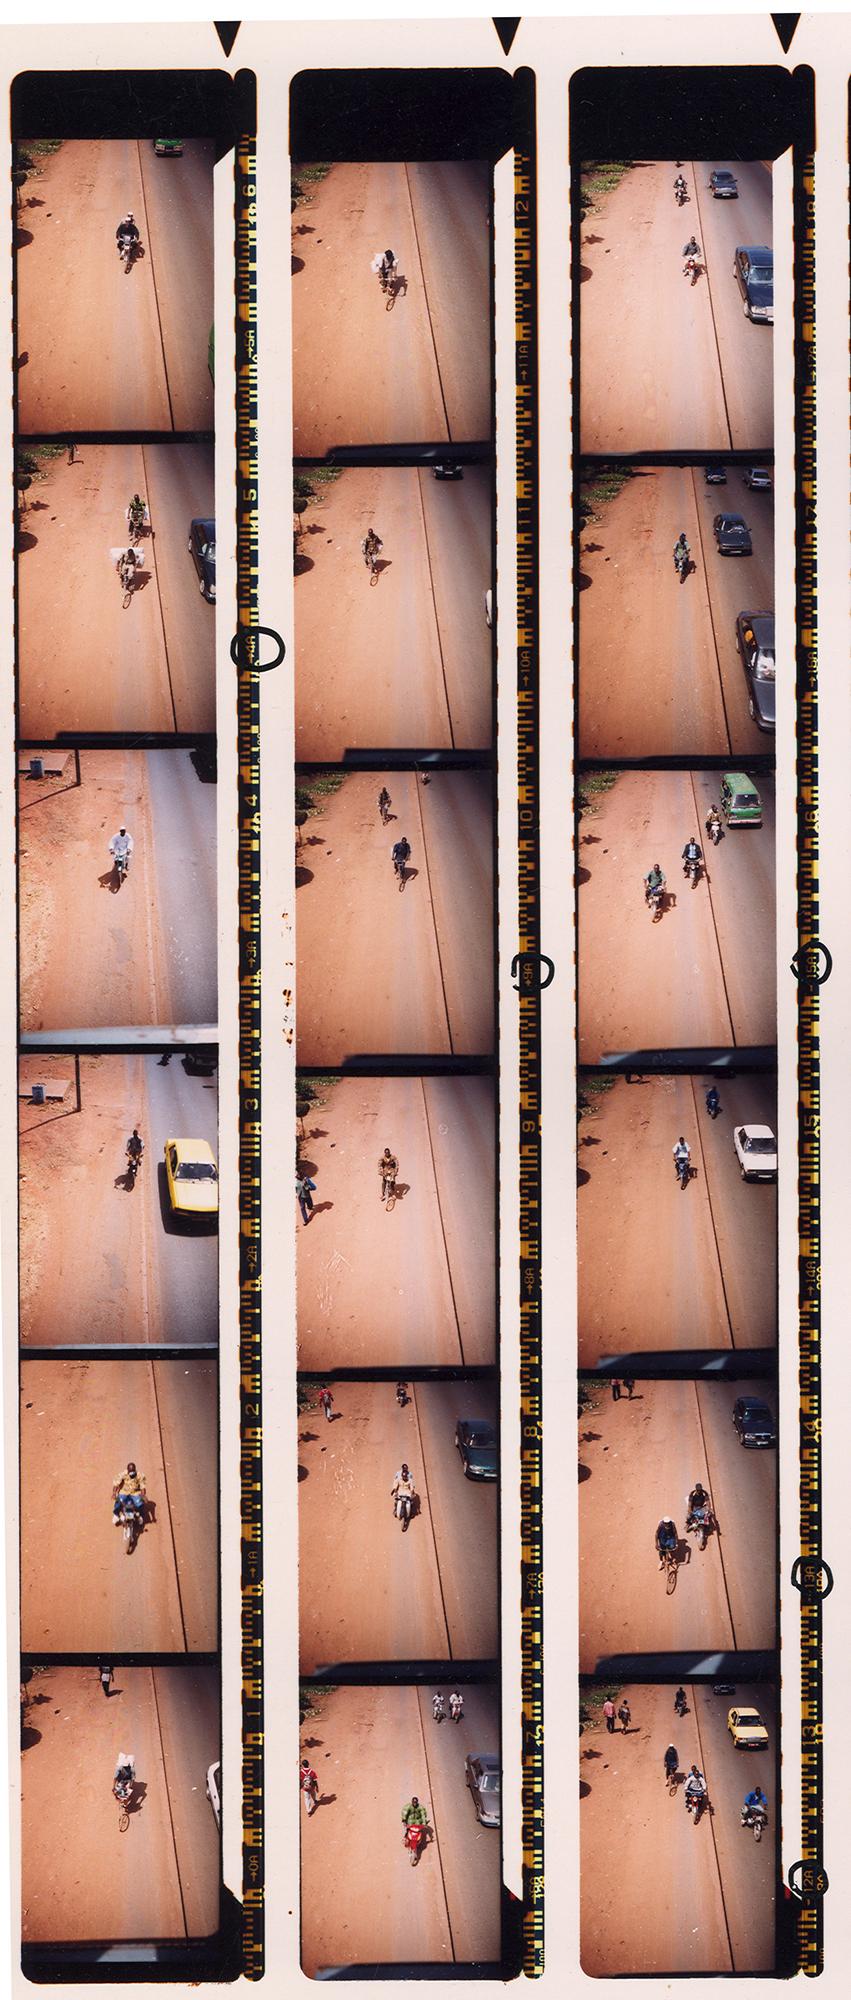 Magnolia Soto. Serie Bamako sur le pont, 2005. Hoja de contacto 2. Fotografía.